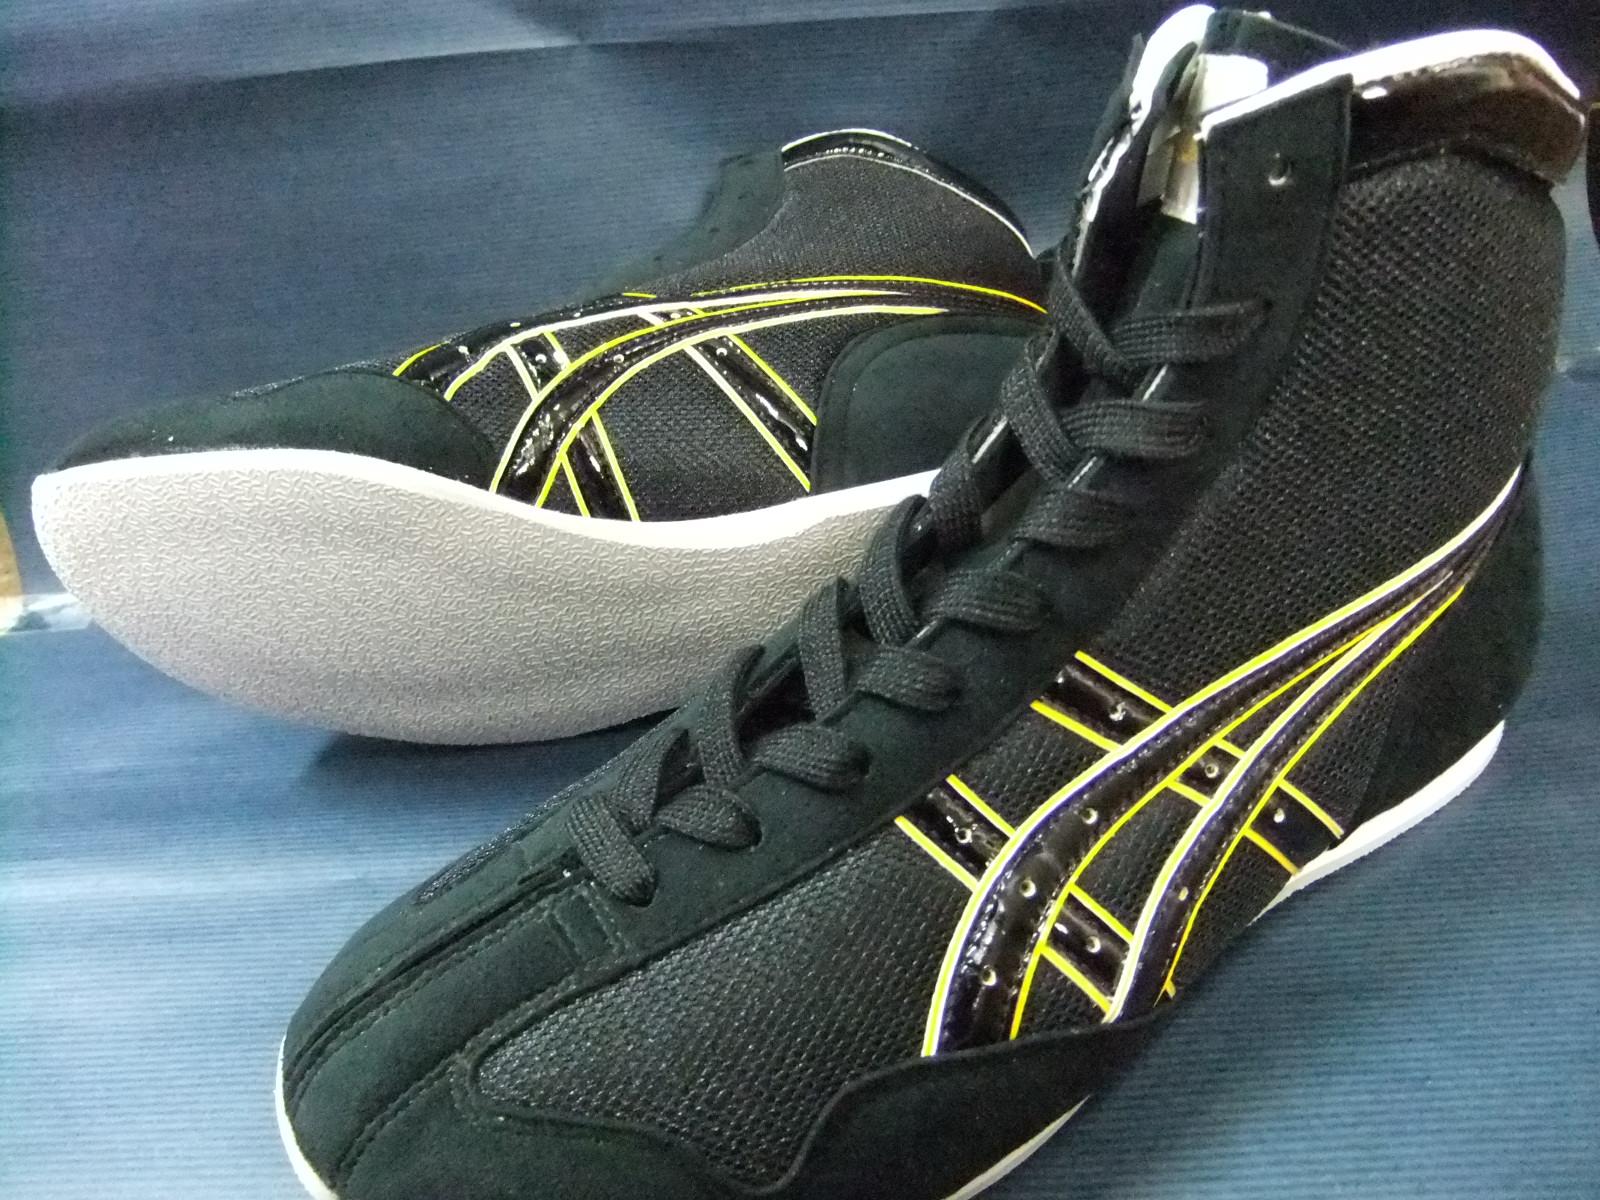 在庫のないものはメーカーで受注休止中 アシックスショートボクシングシューズアメリカ屋オリジナルカラー 黒×黒×黄